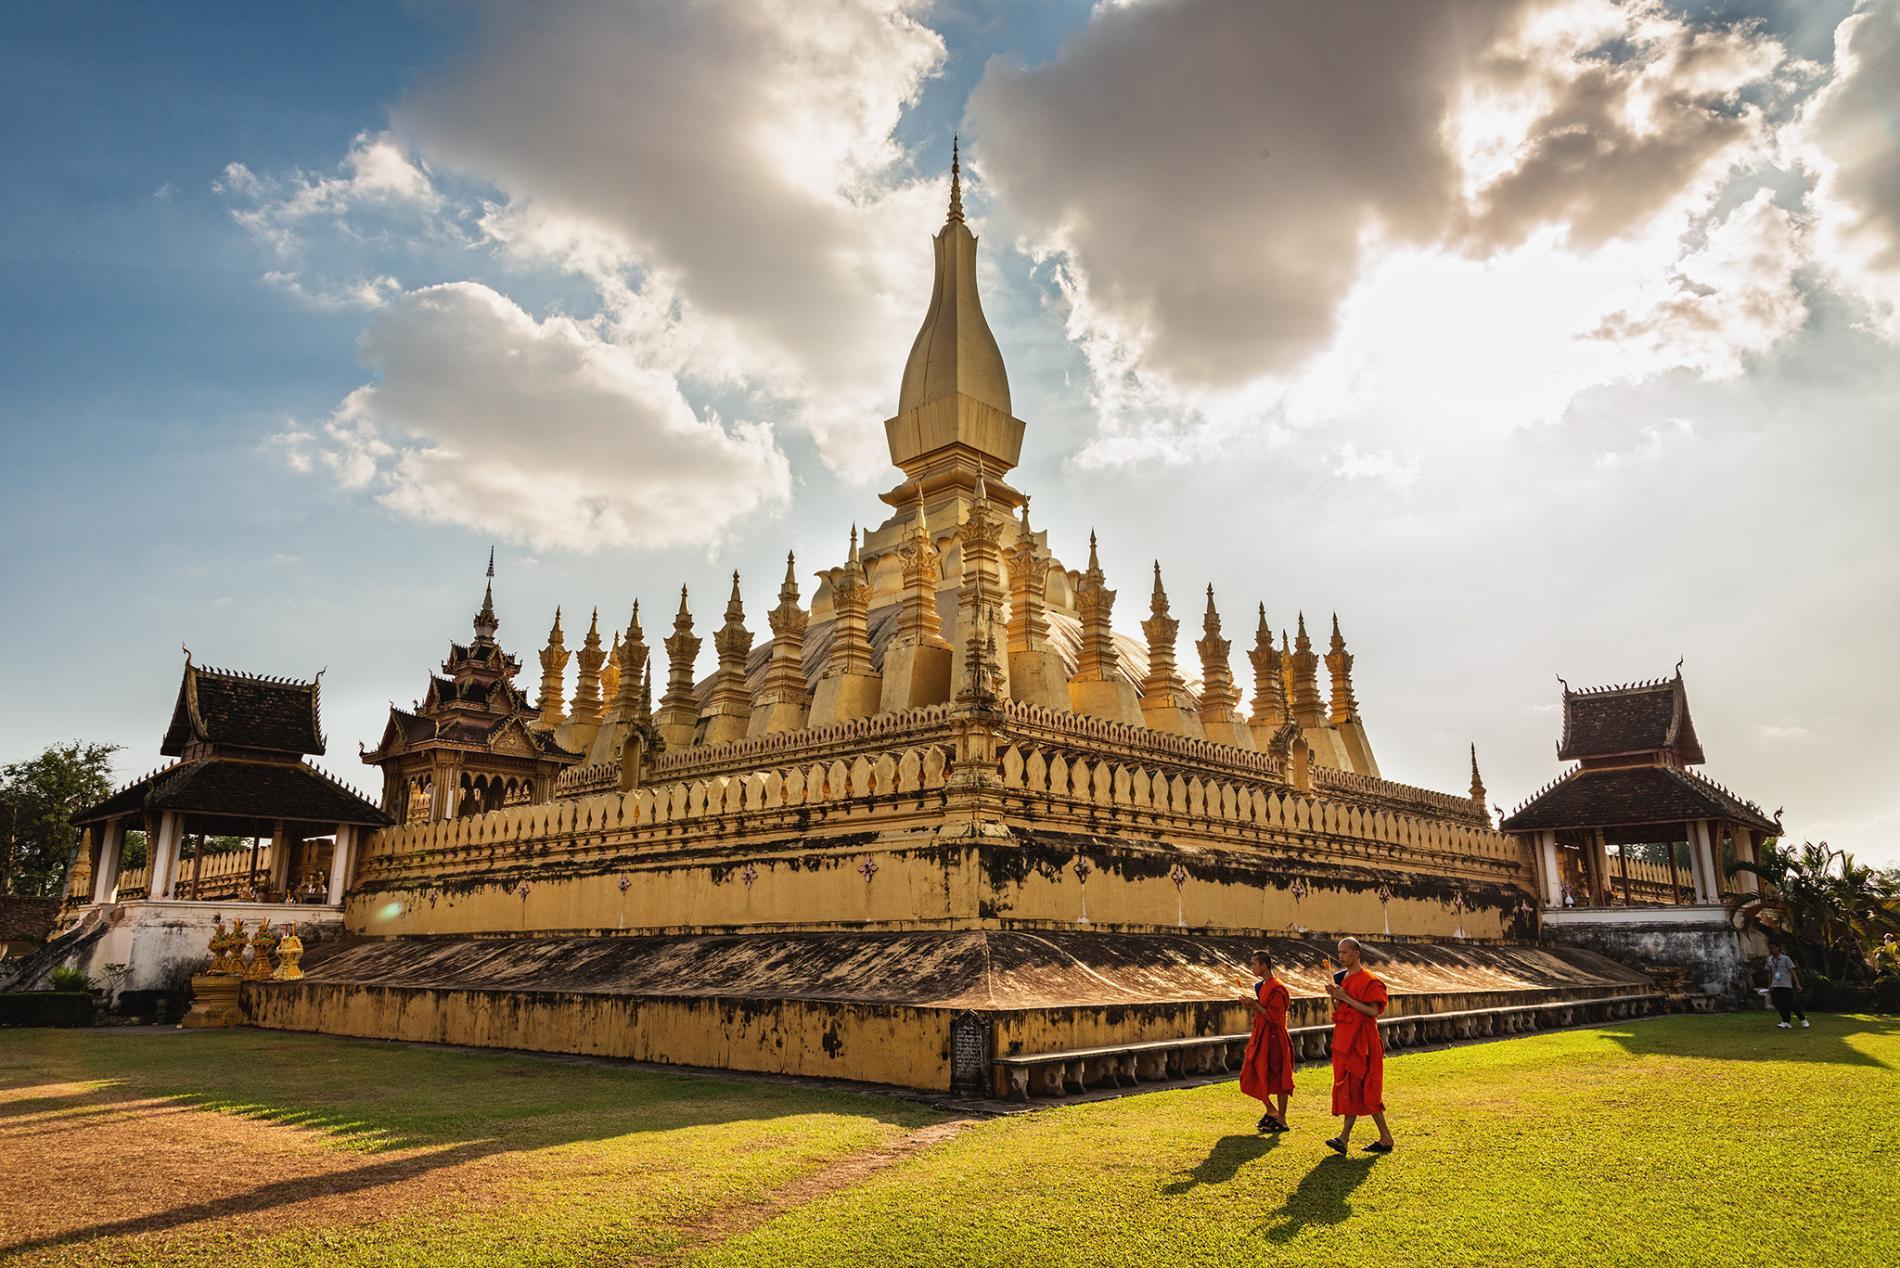 2020你該投資寮國嗎?寮國經濟研究及投資分析 @東南亞投資報告